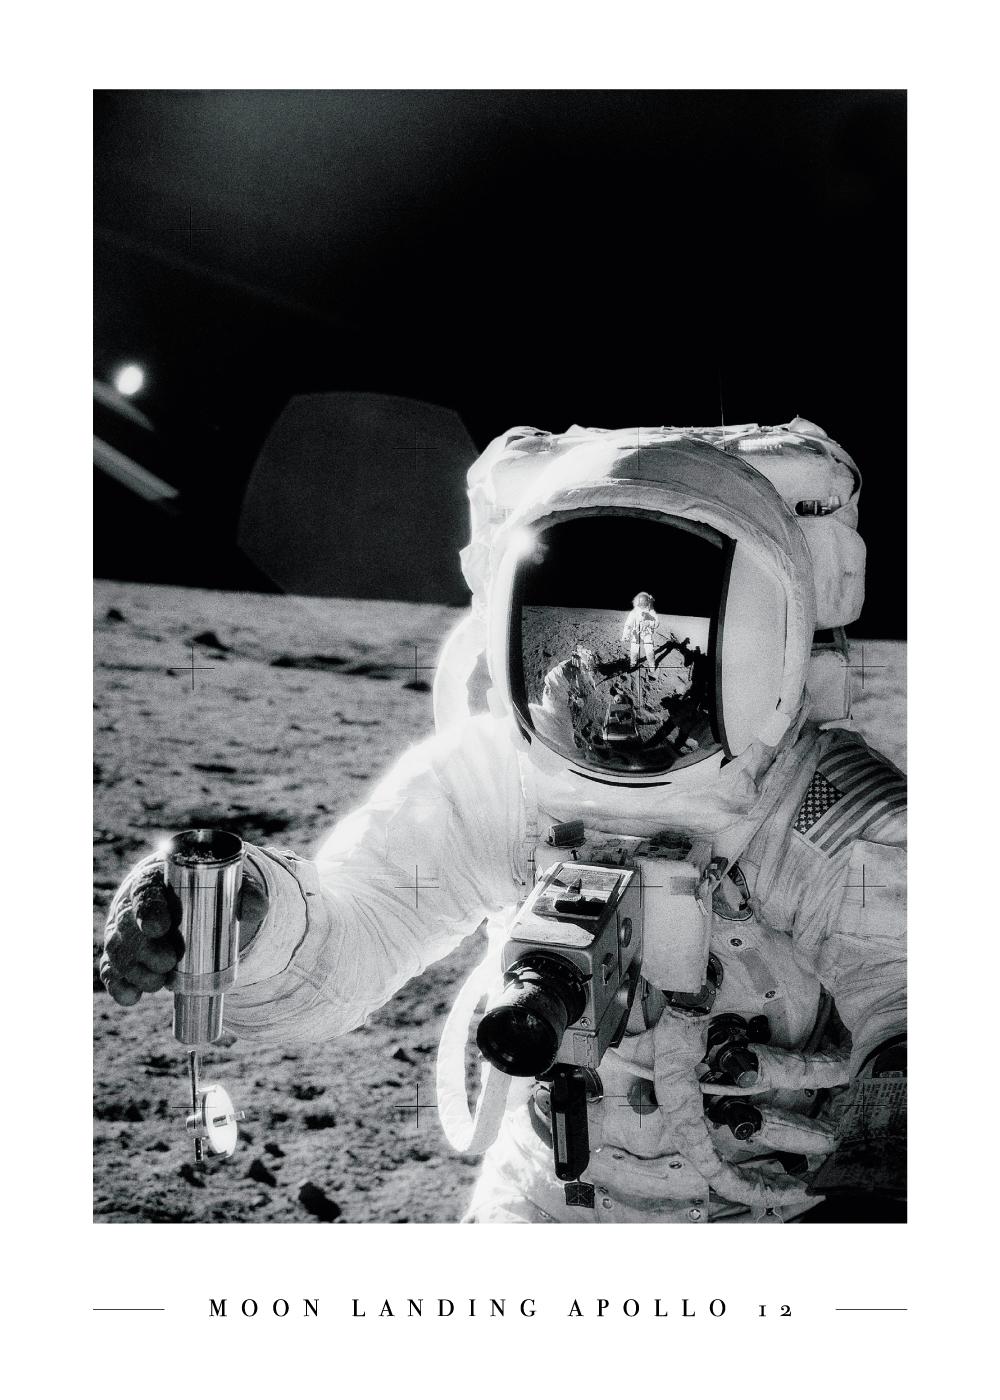 Moon landing Apollo 12 - Plakat